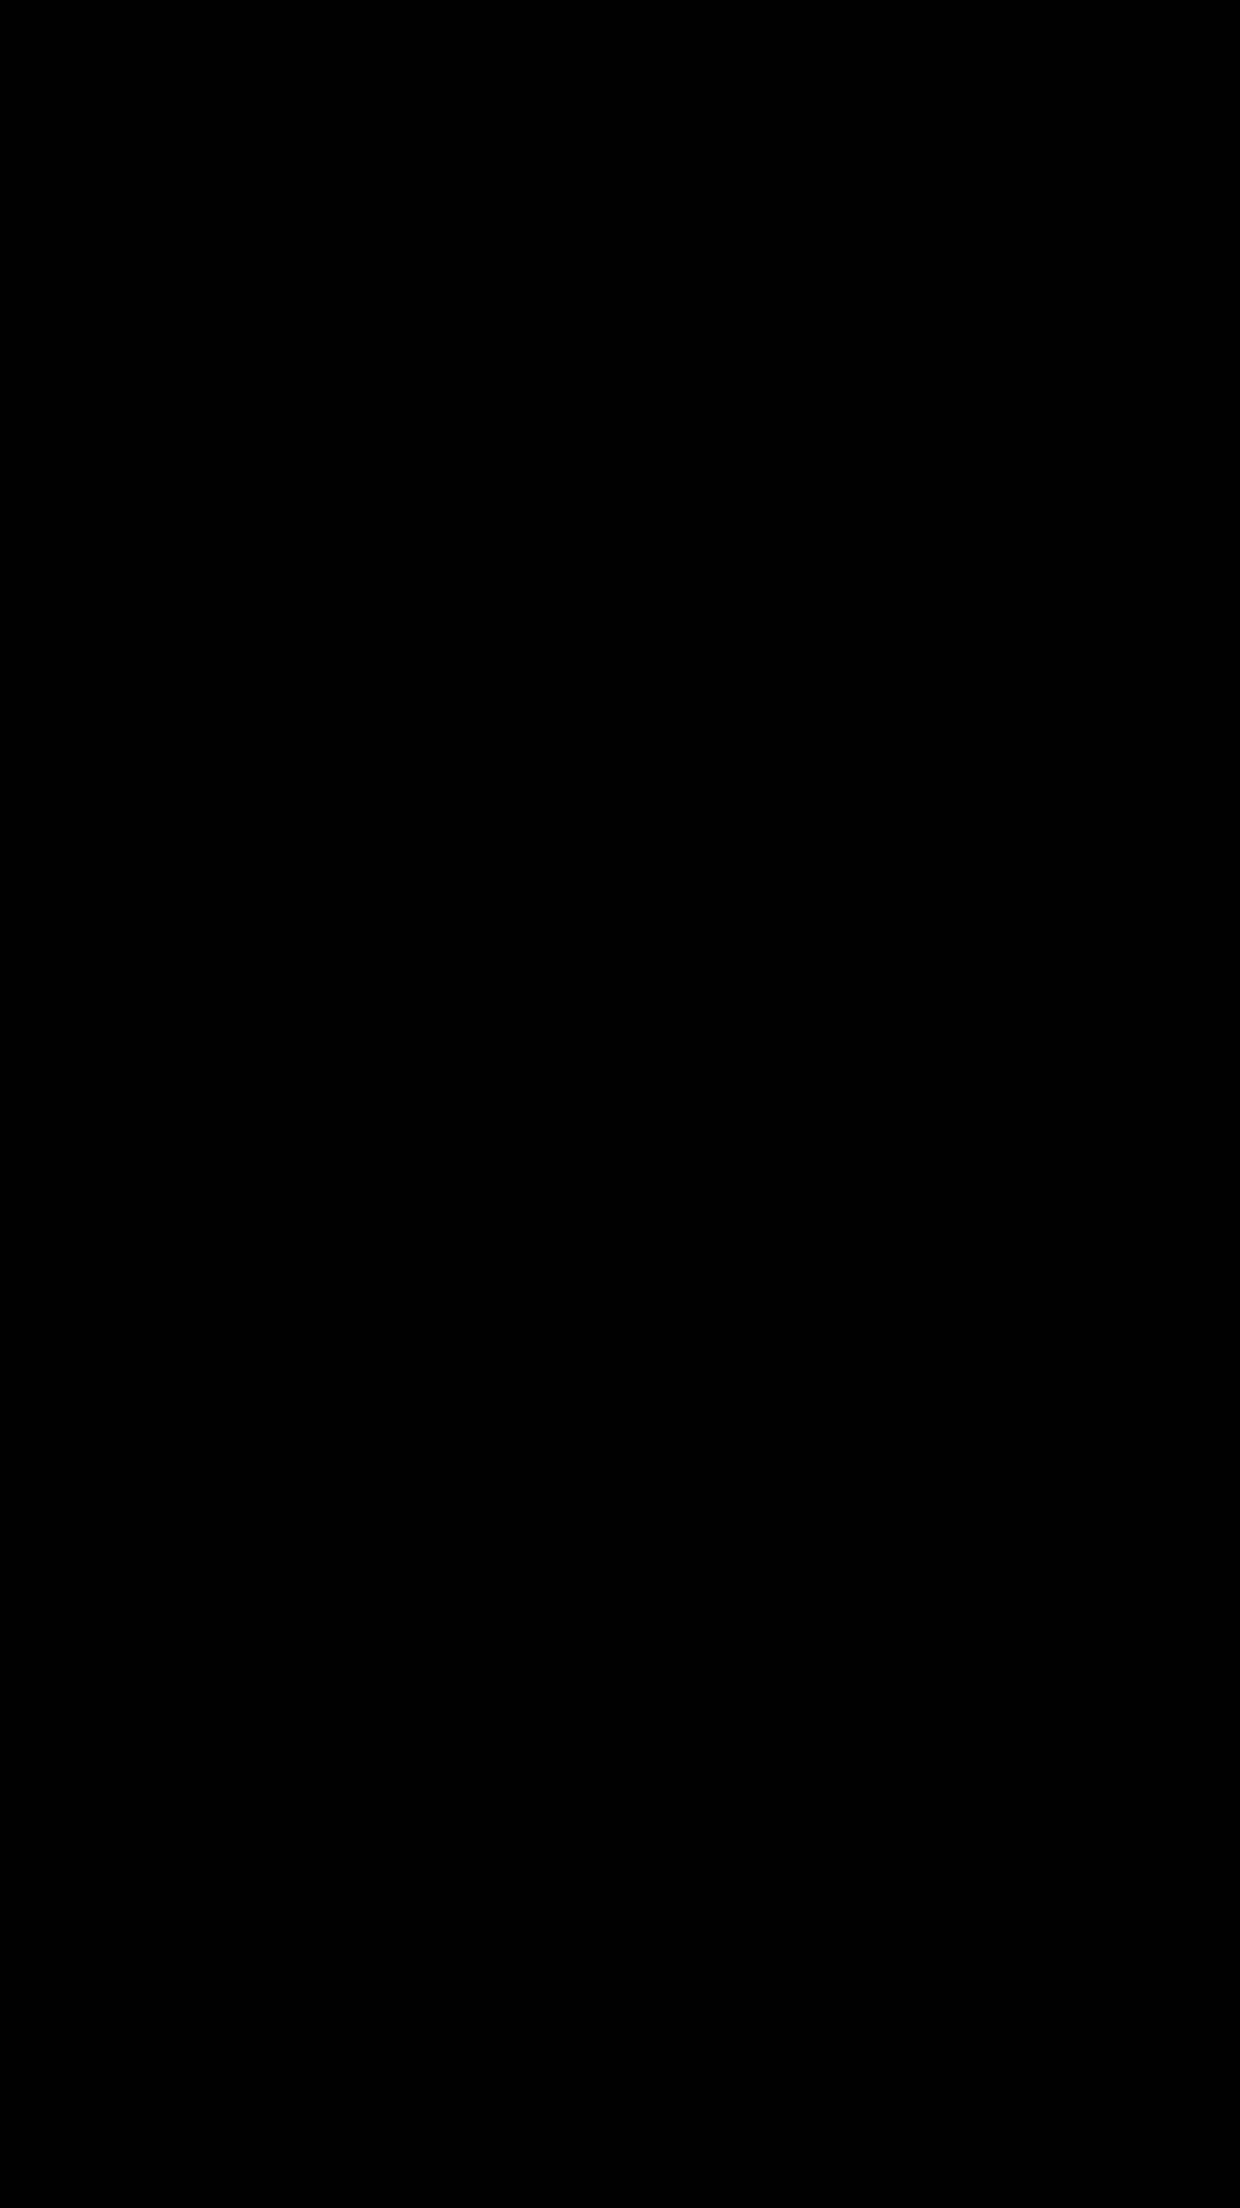 Hình ảnh màu đen cho điện thoại full hd